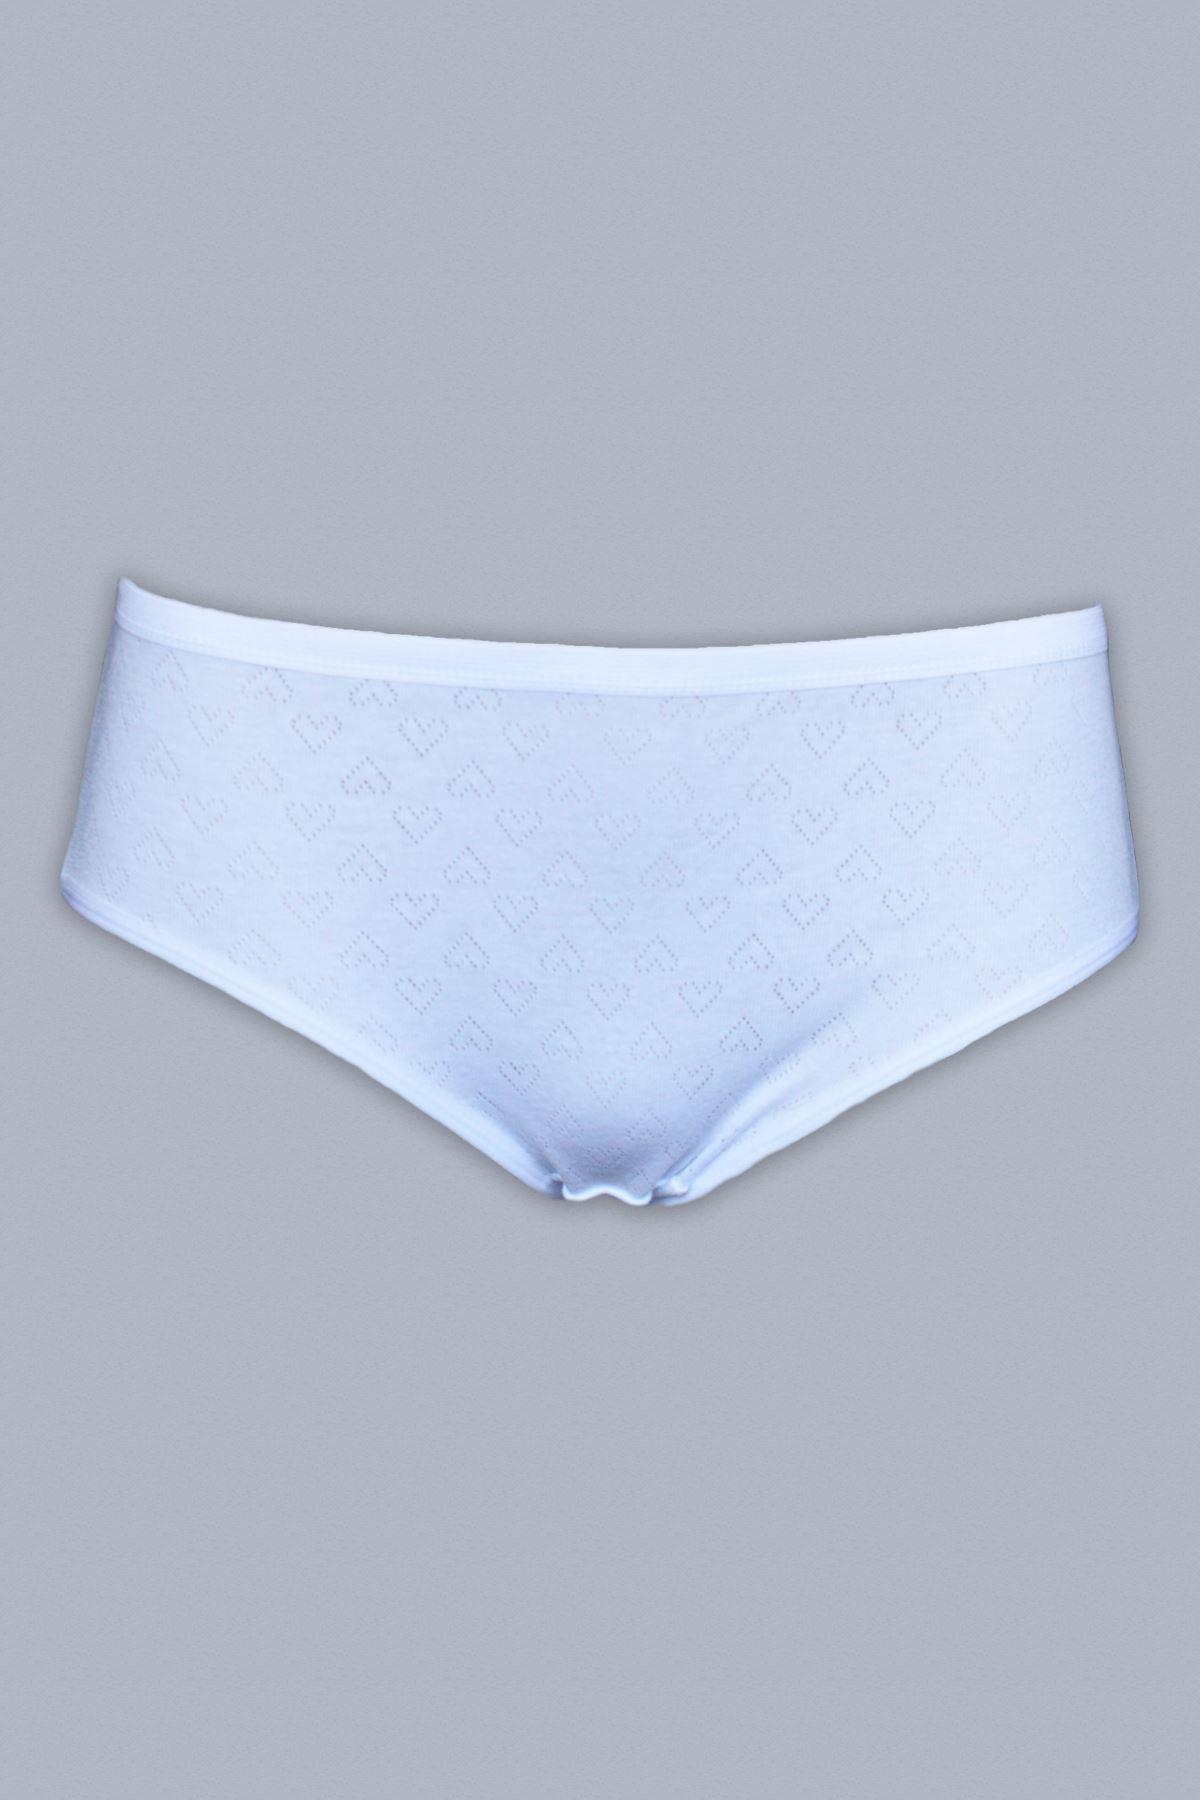 Beyaz Kadın 6 ' Lı Paket Normal Bel Jakarlı Cotton Slip 350